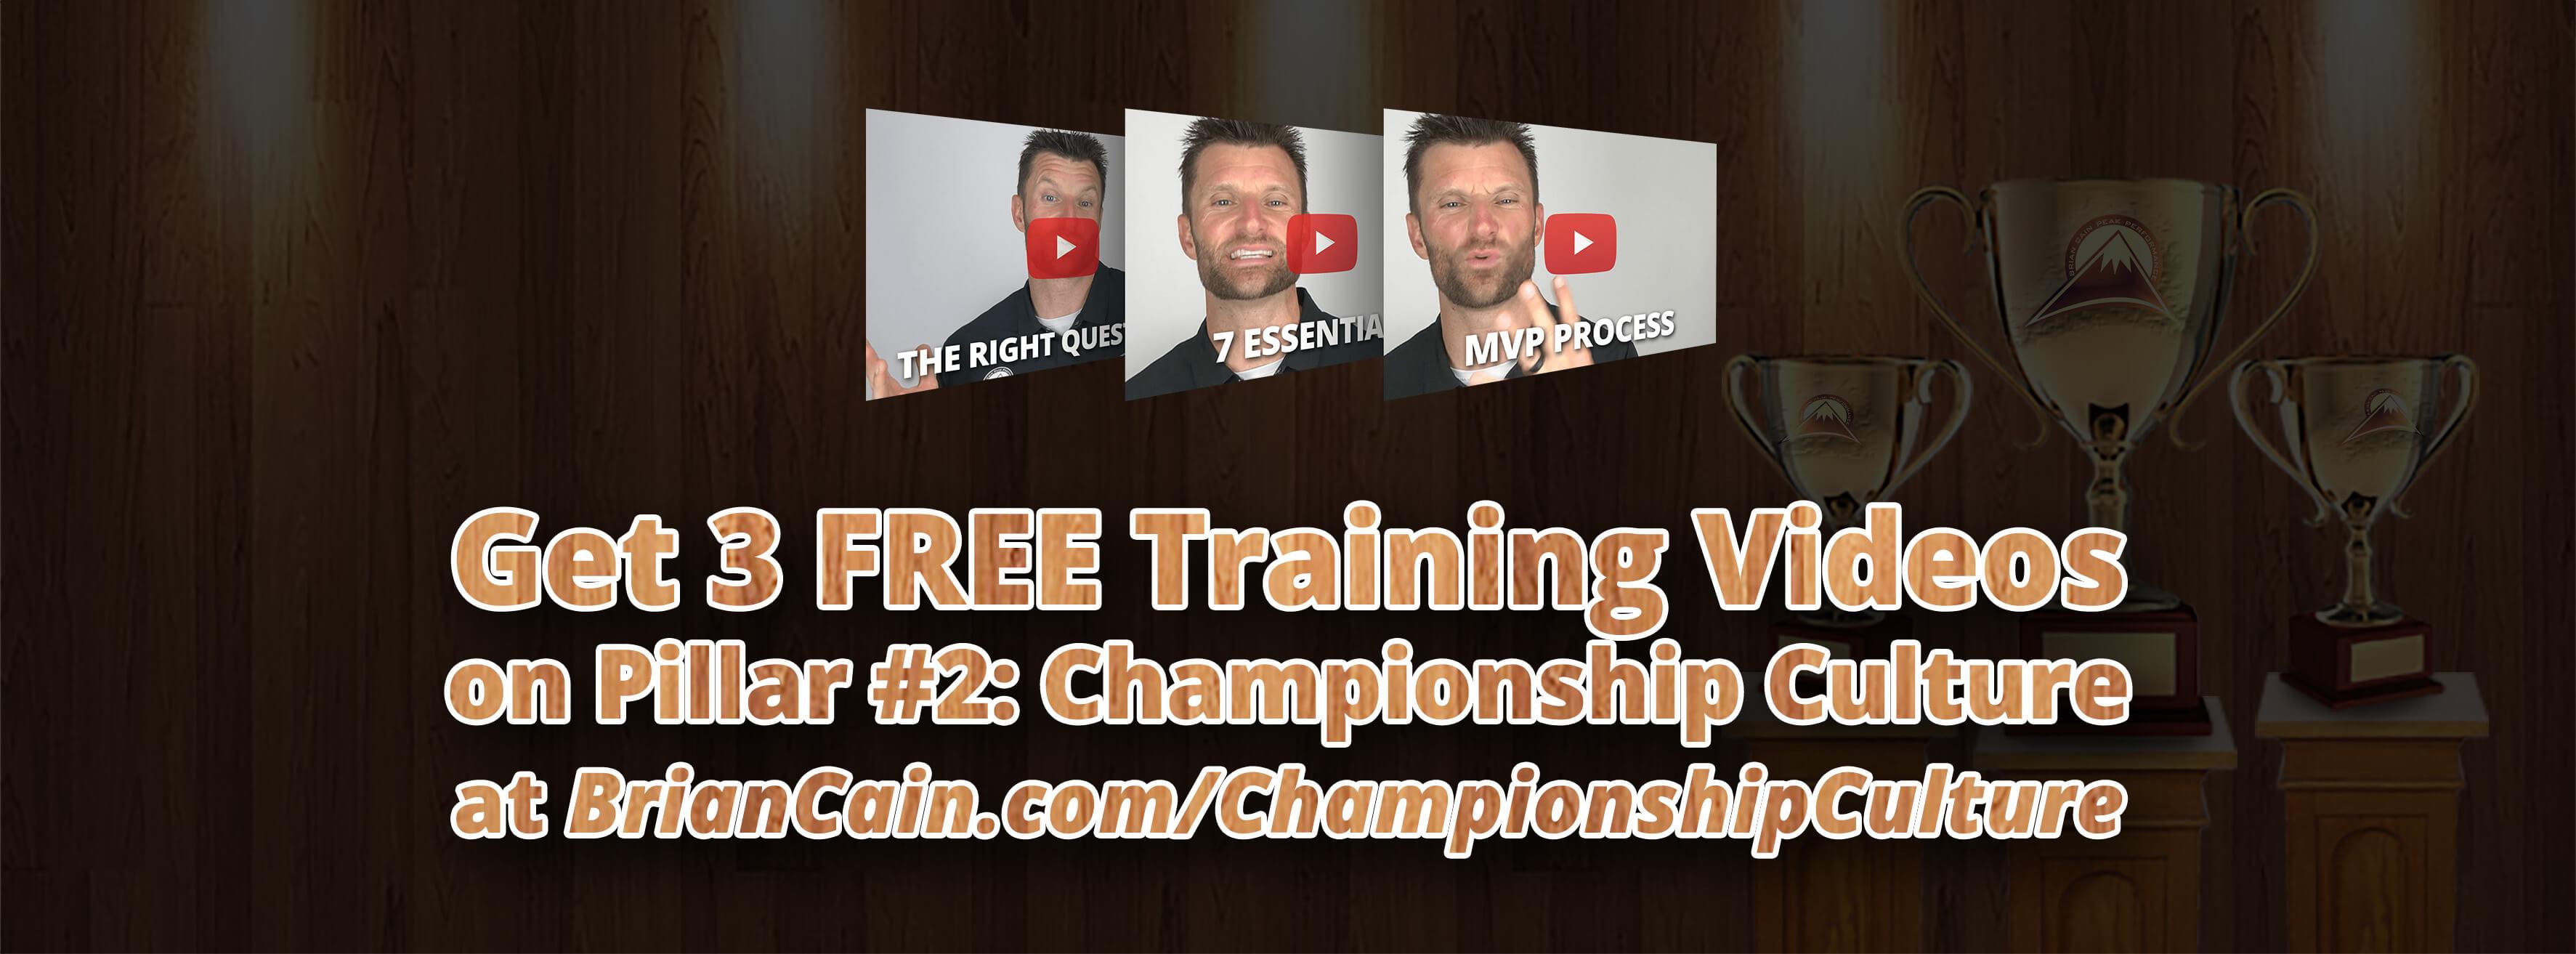 3-free-training-videos-300dpi